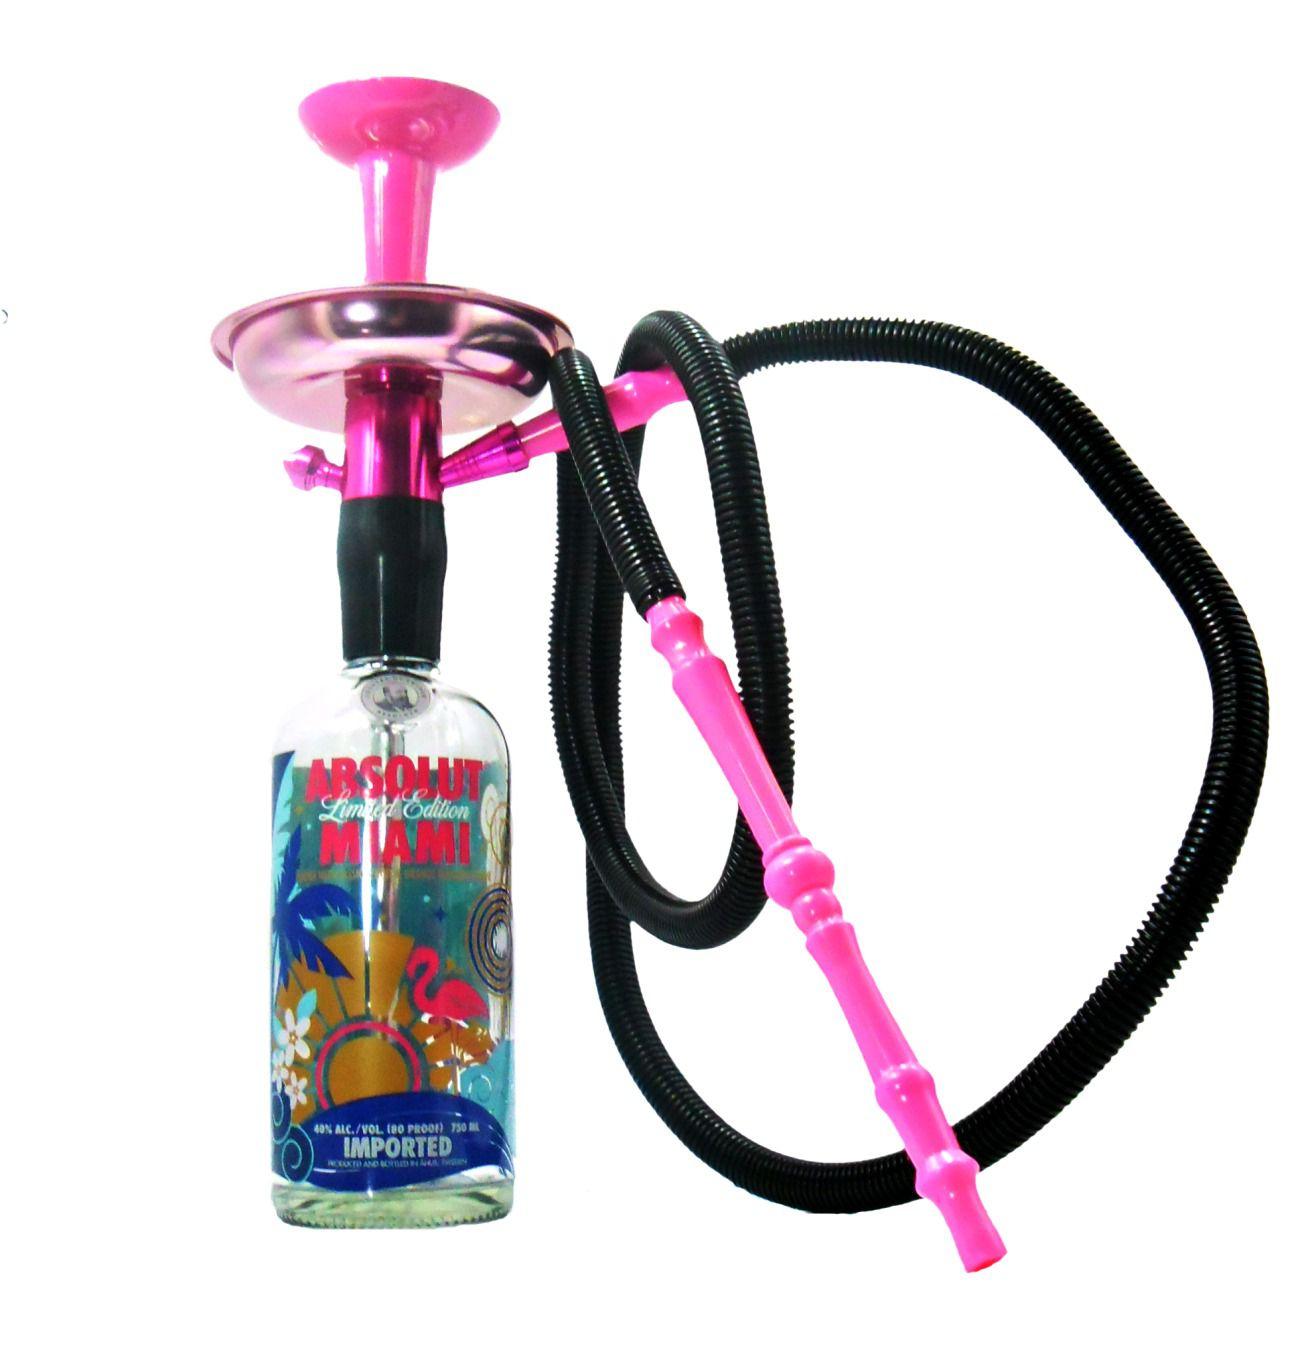 Narguile de garrafa NEW ROSA P: Stem, prato, rosh preto, mangueira e garrafa vazia ABSOLUT MIAMI